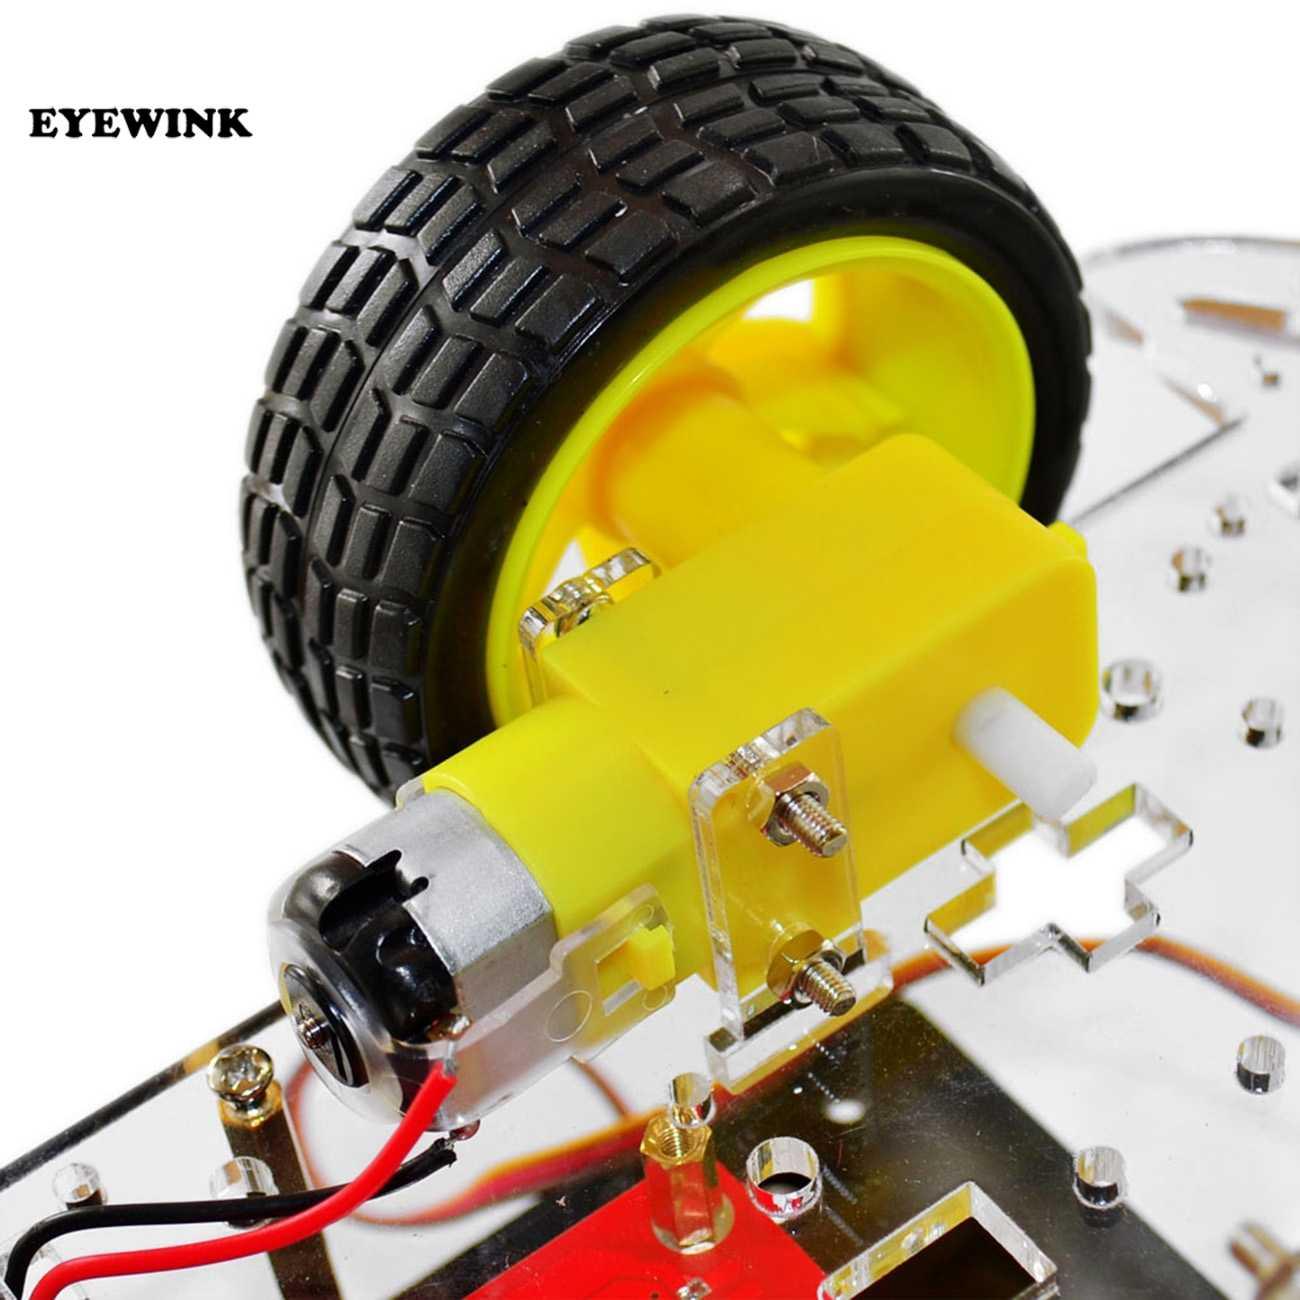 Интеллектуальный Набор для обучения автомобилей Робот умный Черепаха Беспроводное управление на основе Arduino робот Комплект для сборки автомобиля